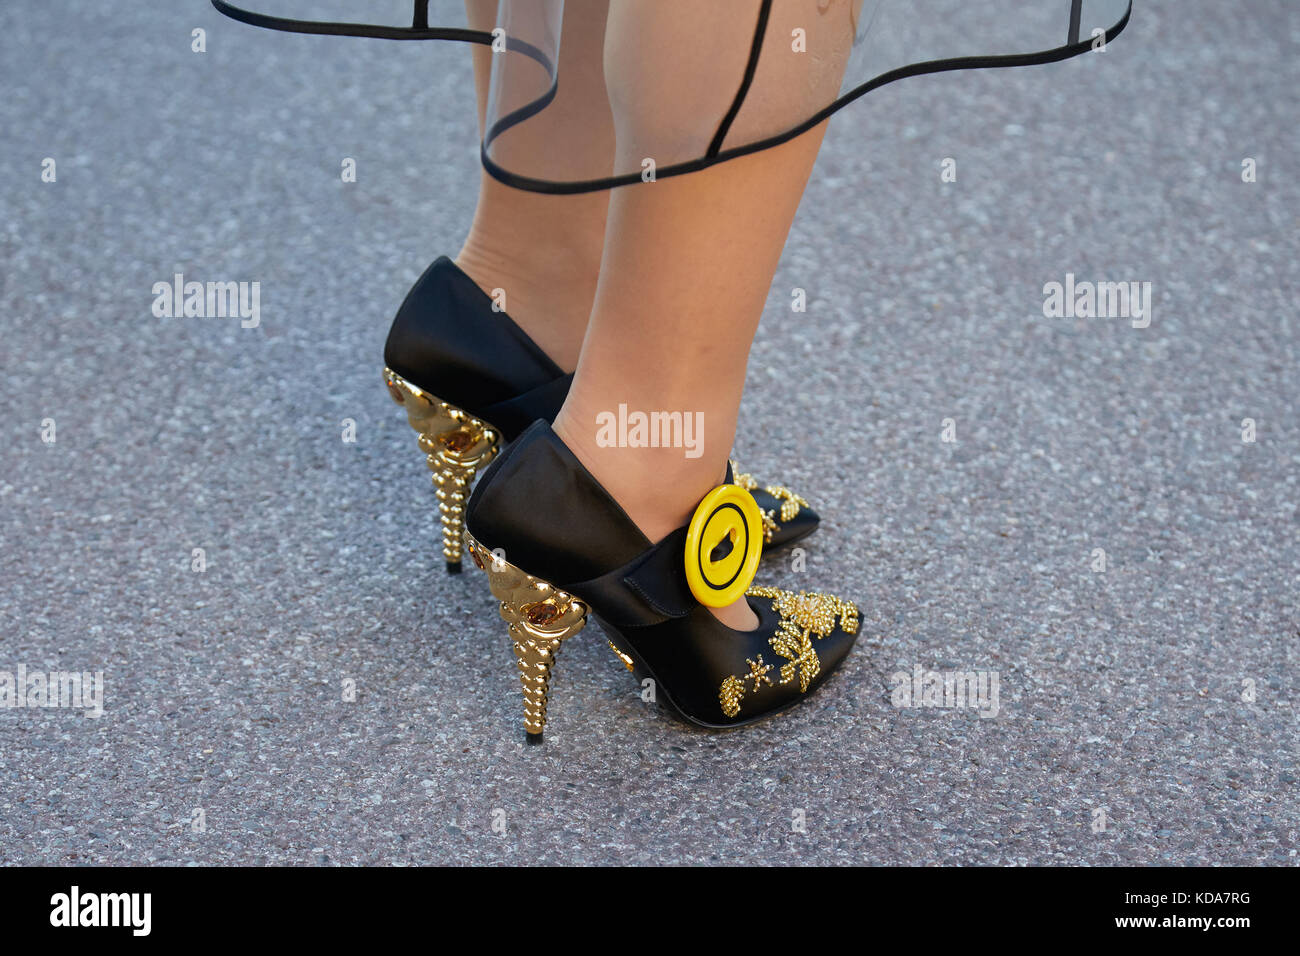 e9e81ad1f67b4 September  Frau mit Prada Schuhe mit goldenen Ferse und gelbe Taste